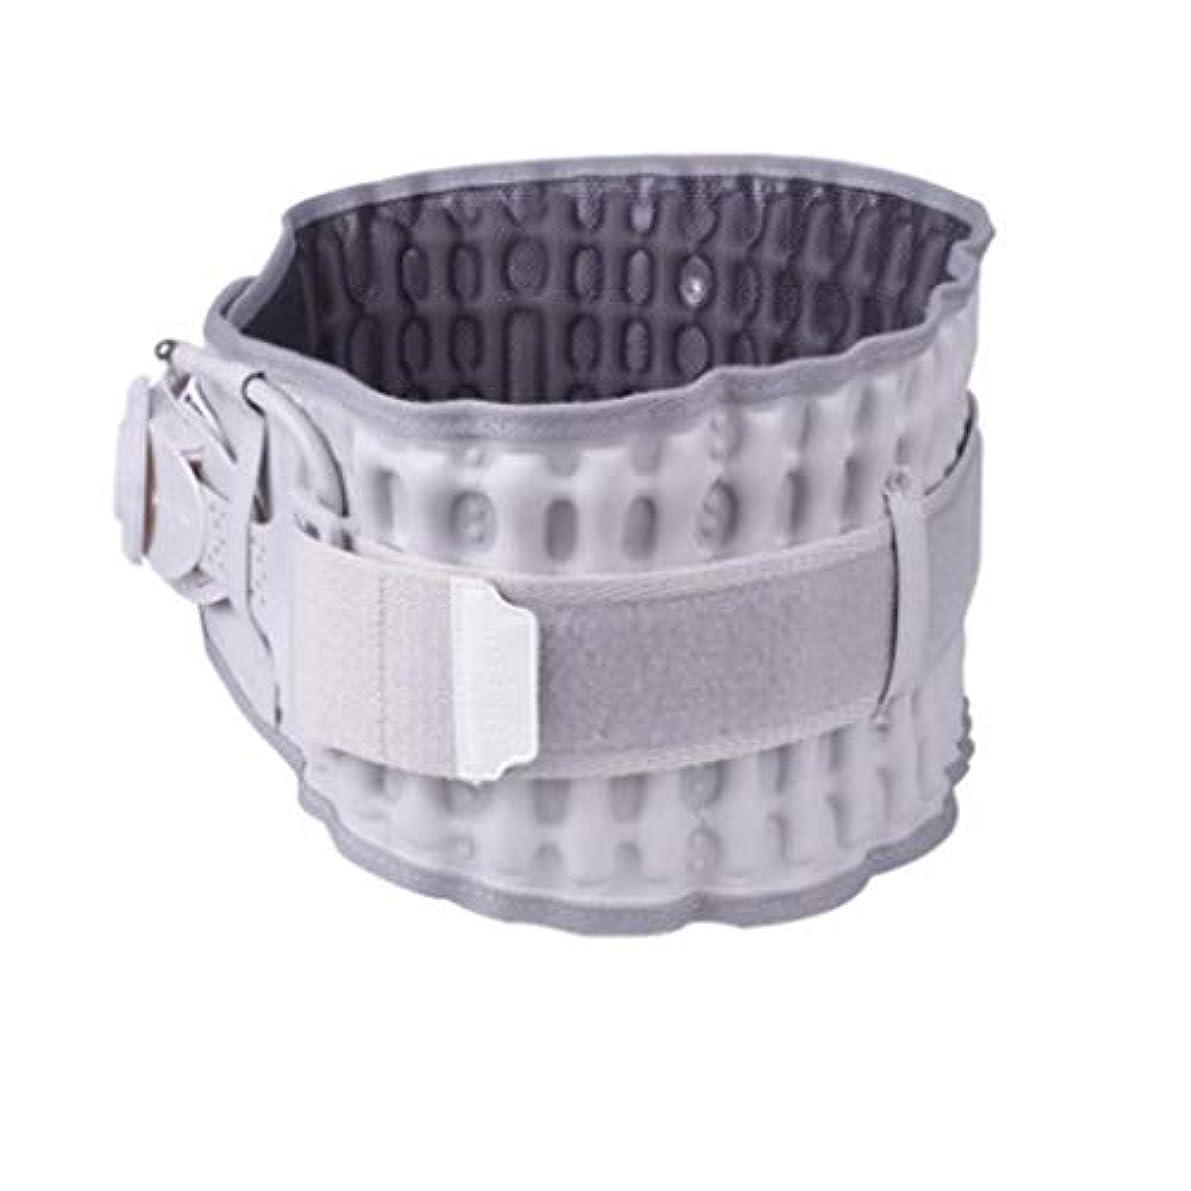 リーガンモス高潔なウエストマッサージャー、減圧ベルト、腰椎減圧ベルト、背中のマッサージサポートツール、ユニセックス